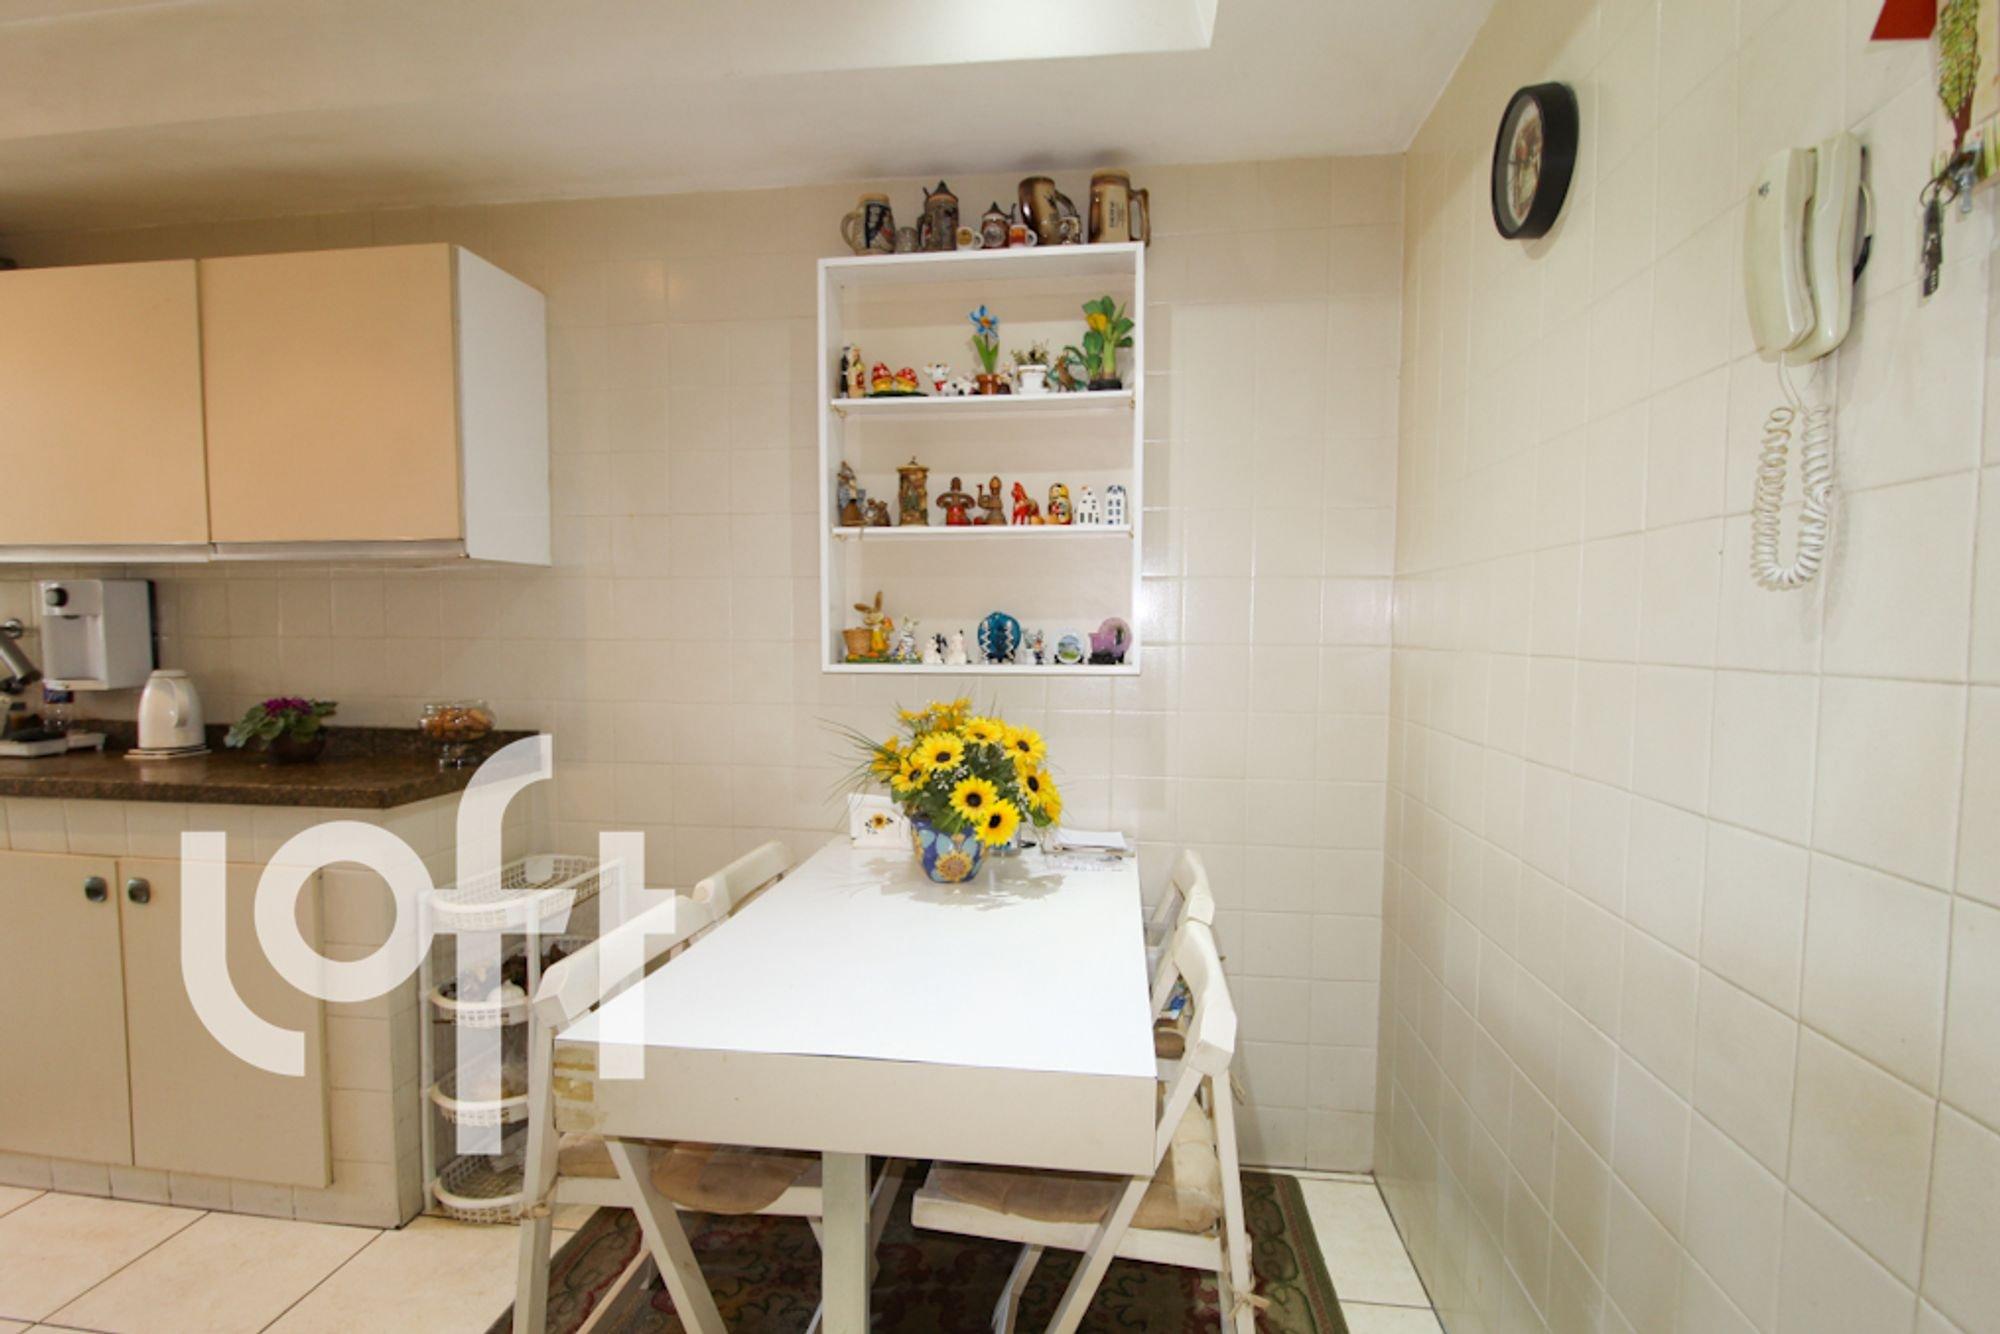 Foto de Cozinha com vaso, relógio, garrafa, cadeira, mesa de jantar